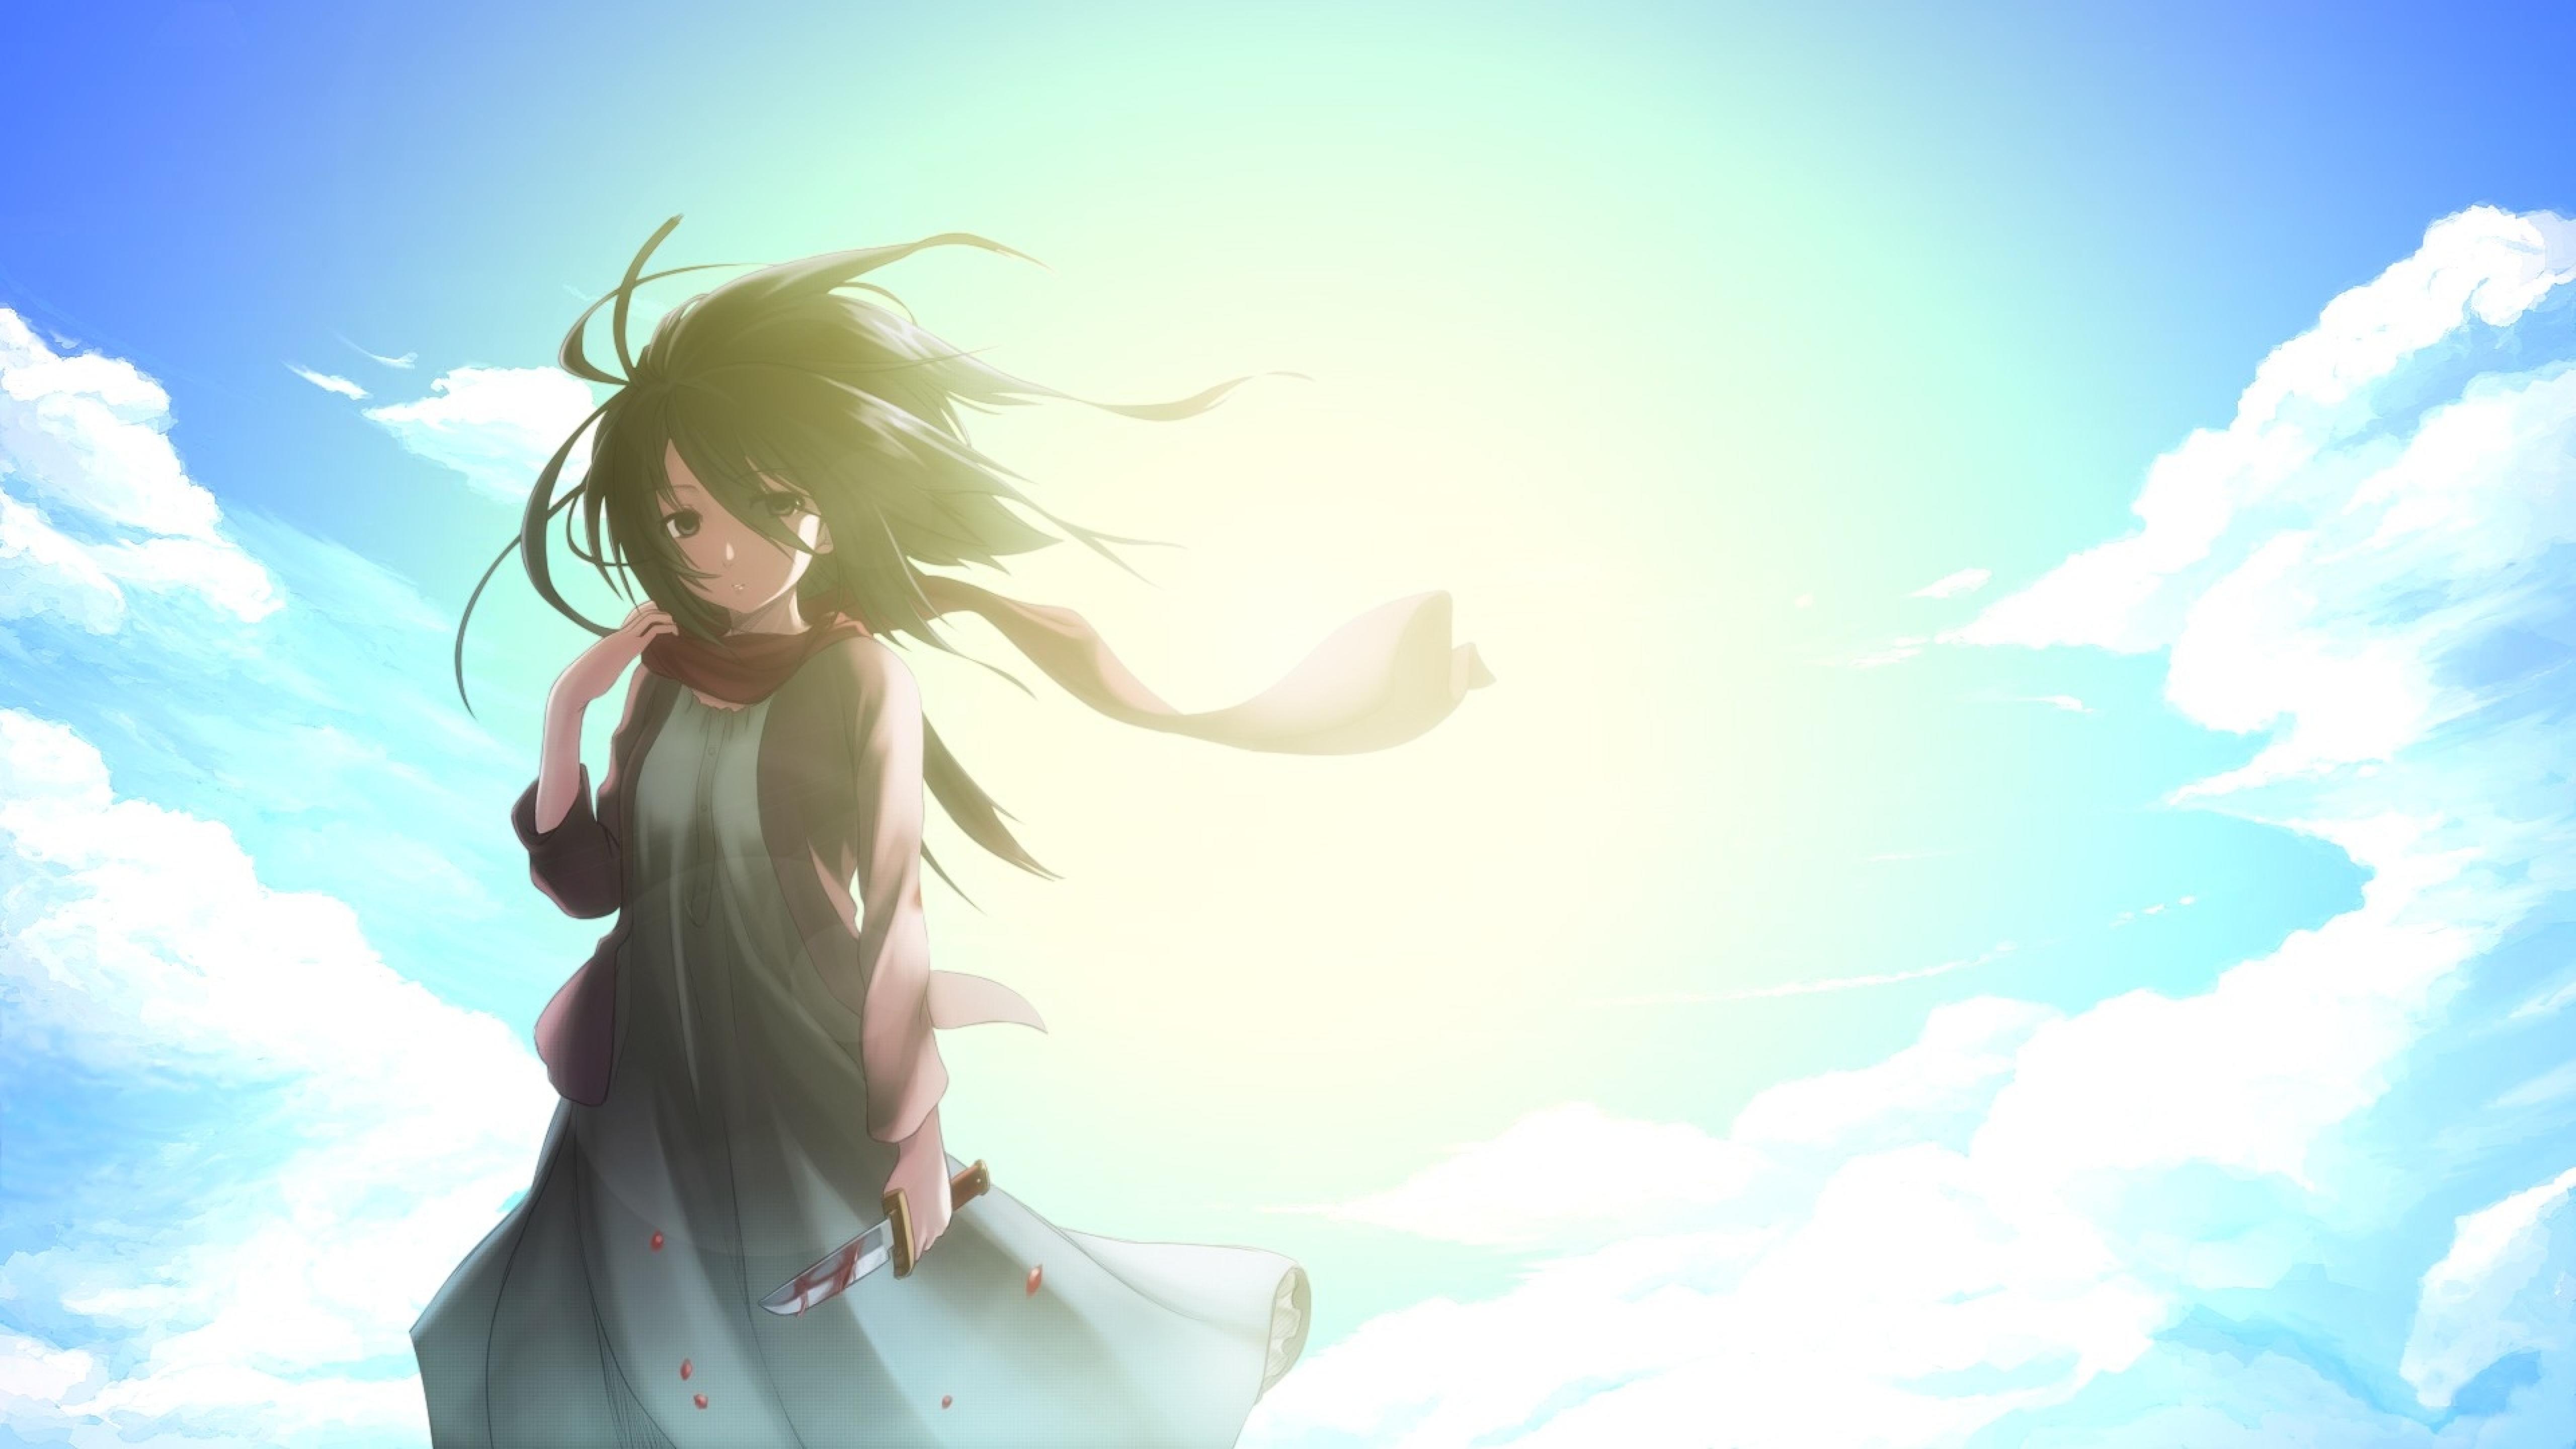 5120x2880 Shingeki No Kyojin Mikasa Ackerman Anime 5k